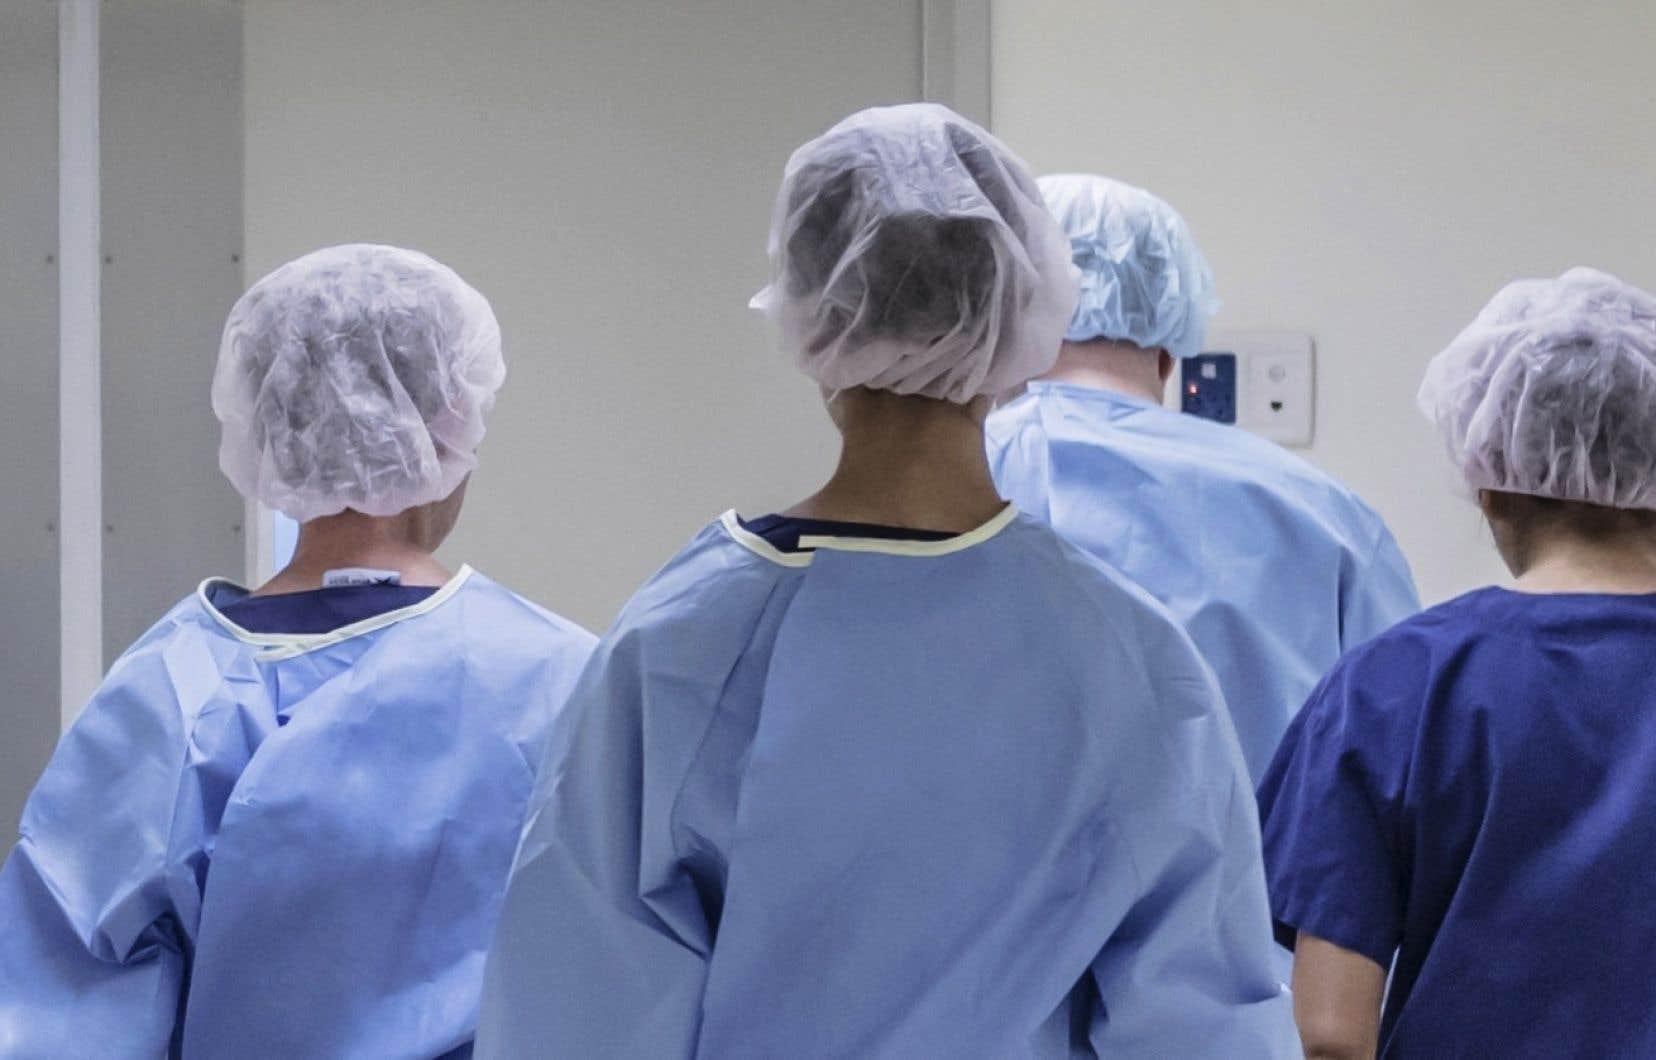 Pour les infirmières de la FIQ, ces 24 heures sans heures supplémentaires obligatoires constitueront «une journée où elles ne seront pas prises en otage», avait illustré la FIQ lors de son annonce.